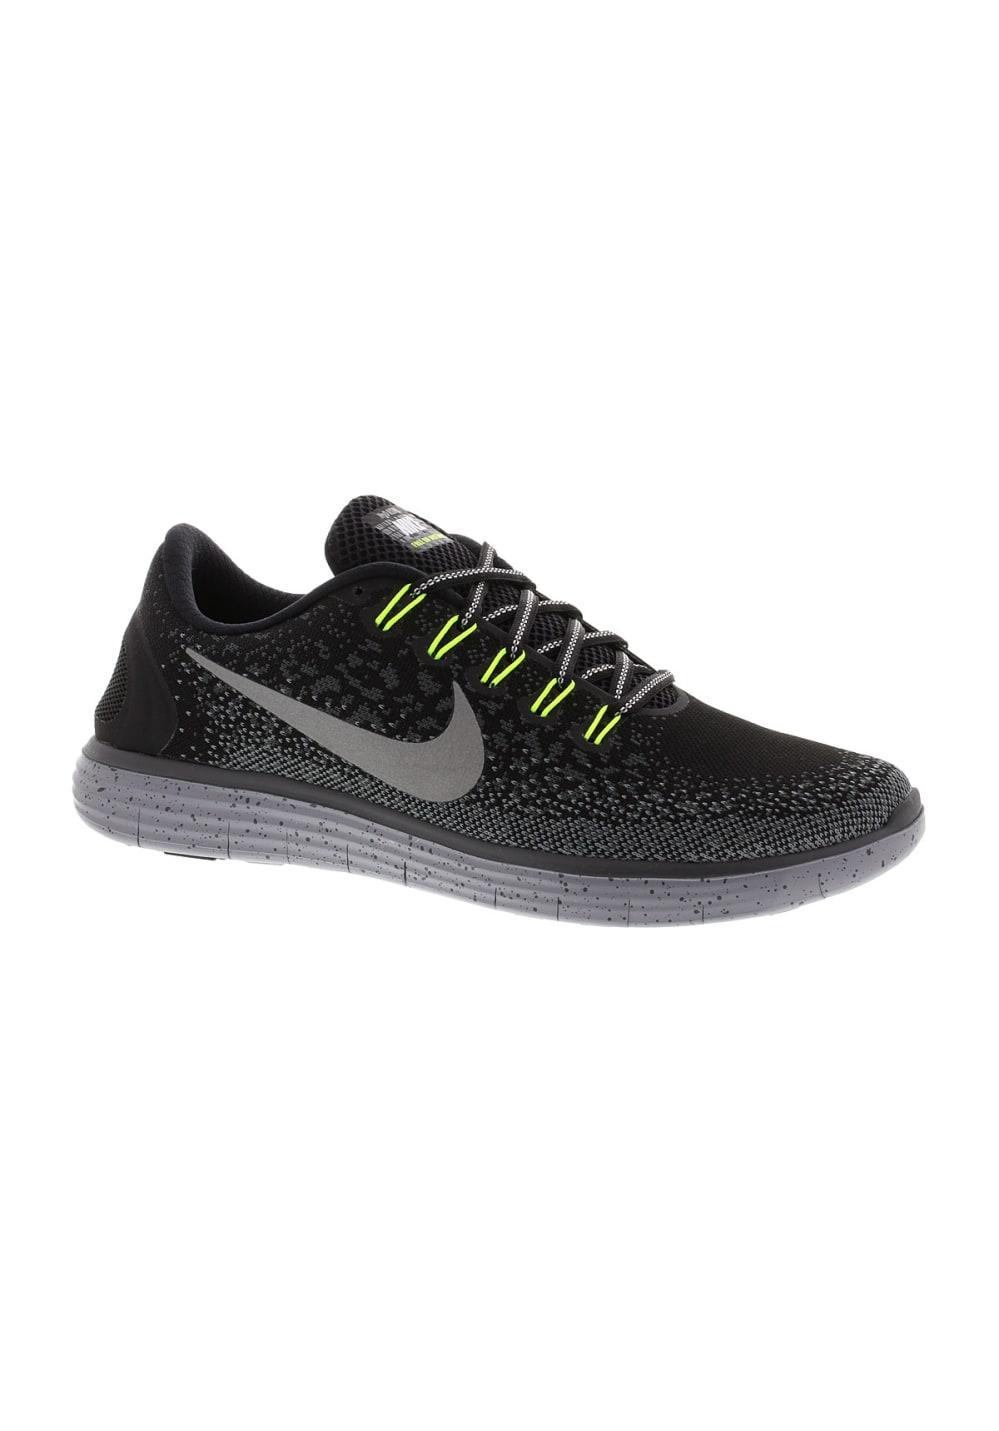 design de qualité 8c53f 450a1 Nike Free Run Distance Shield - Chaussures running pour Homme - Noir